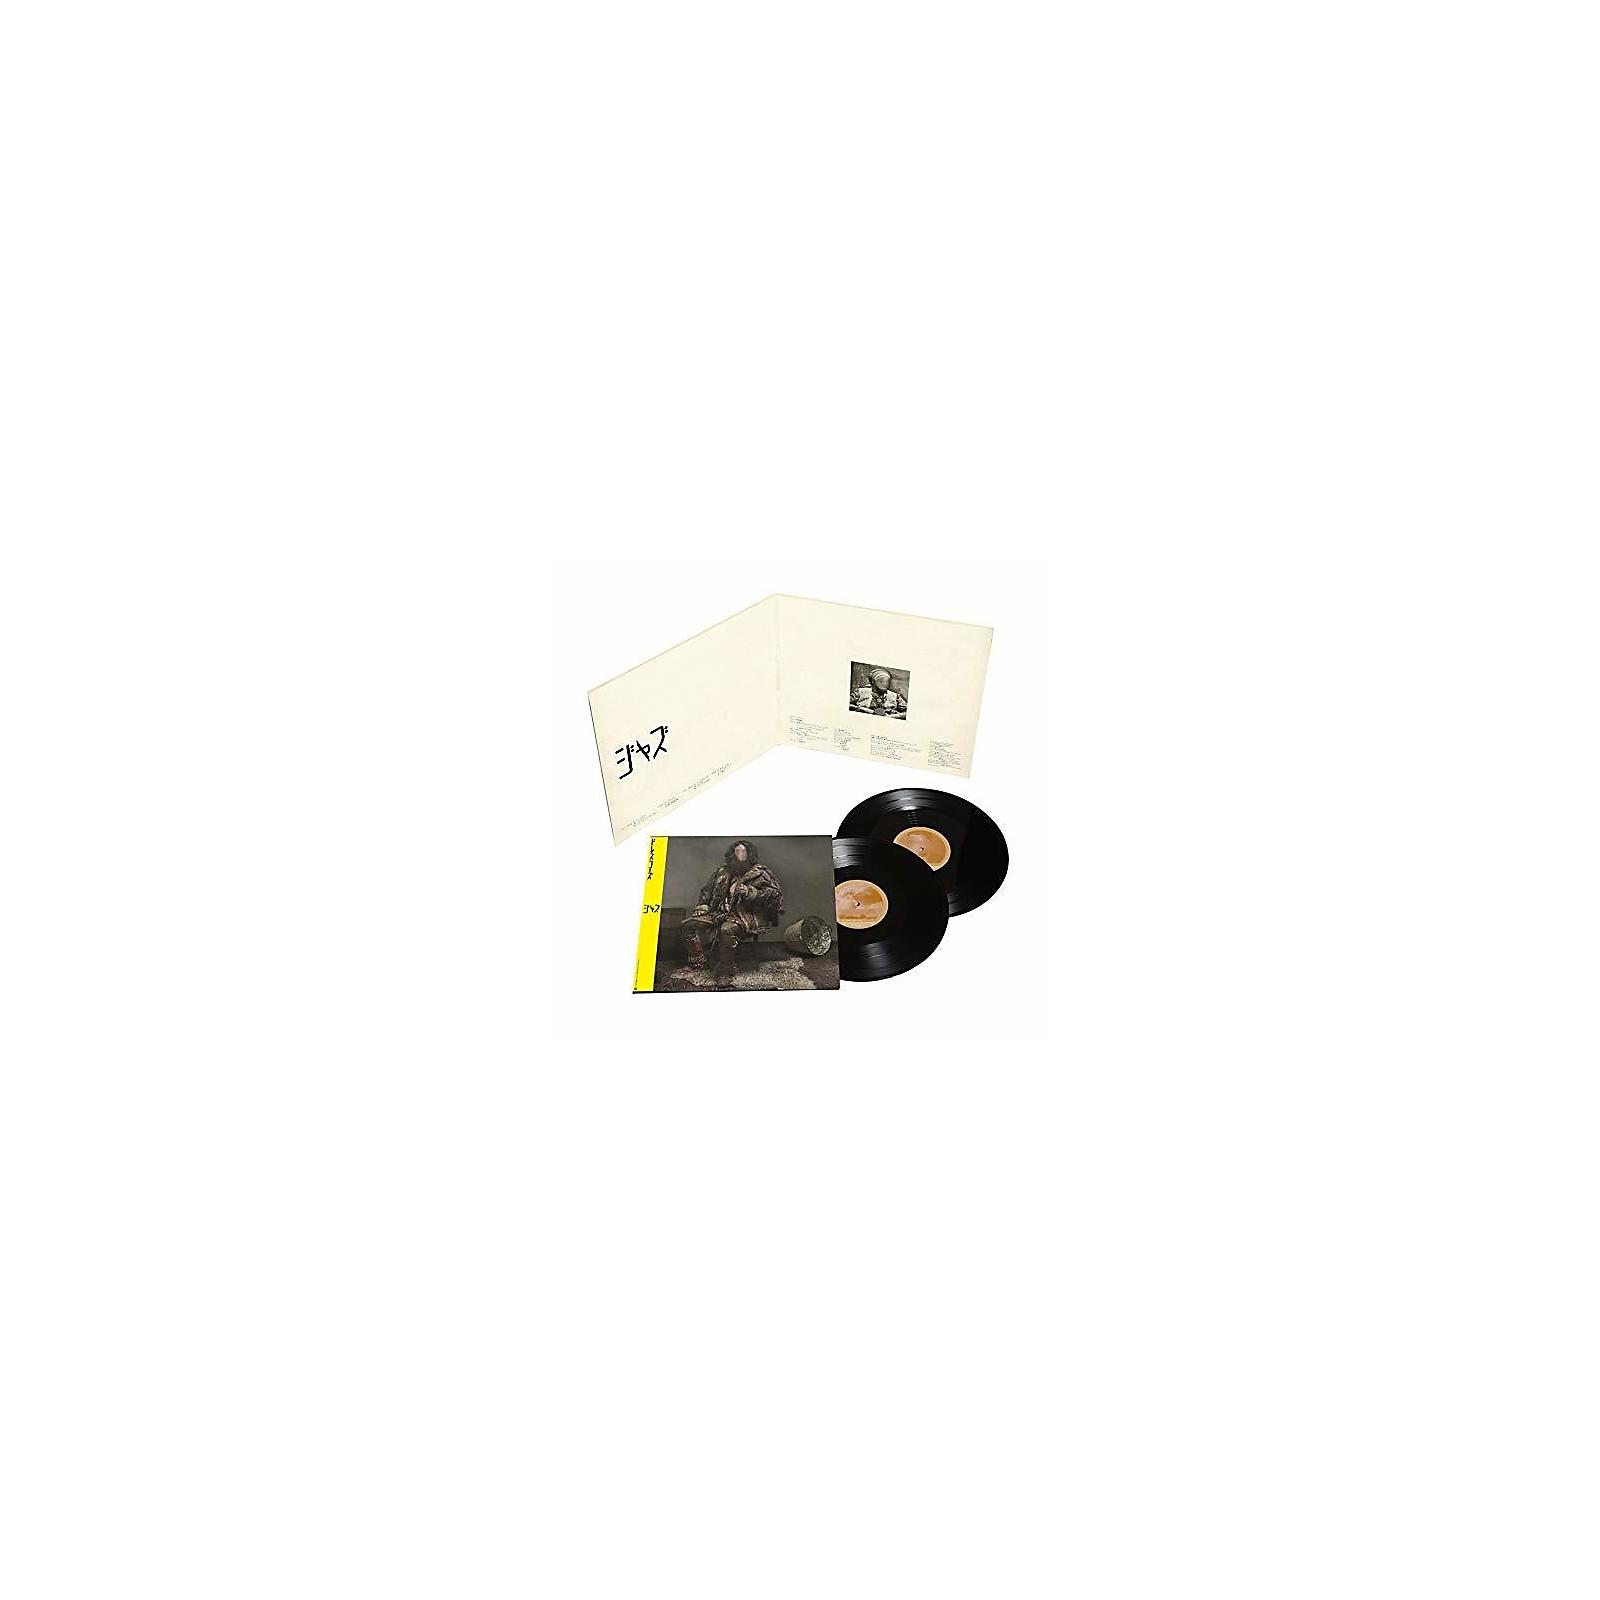 Alliance Dresscodes - Jazz (Limited Edition)